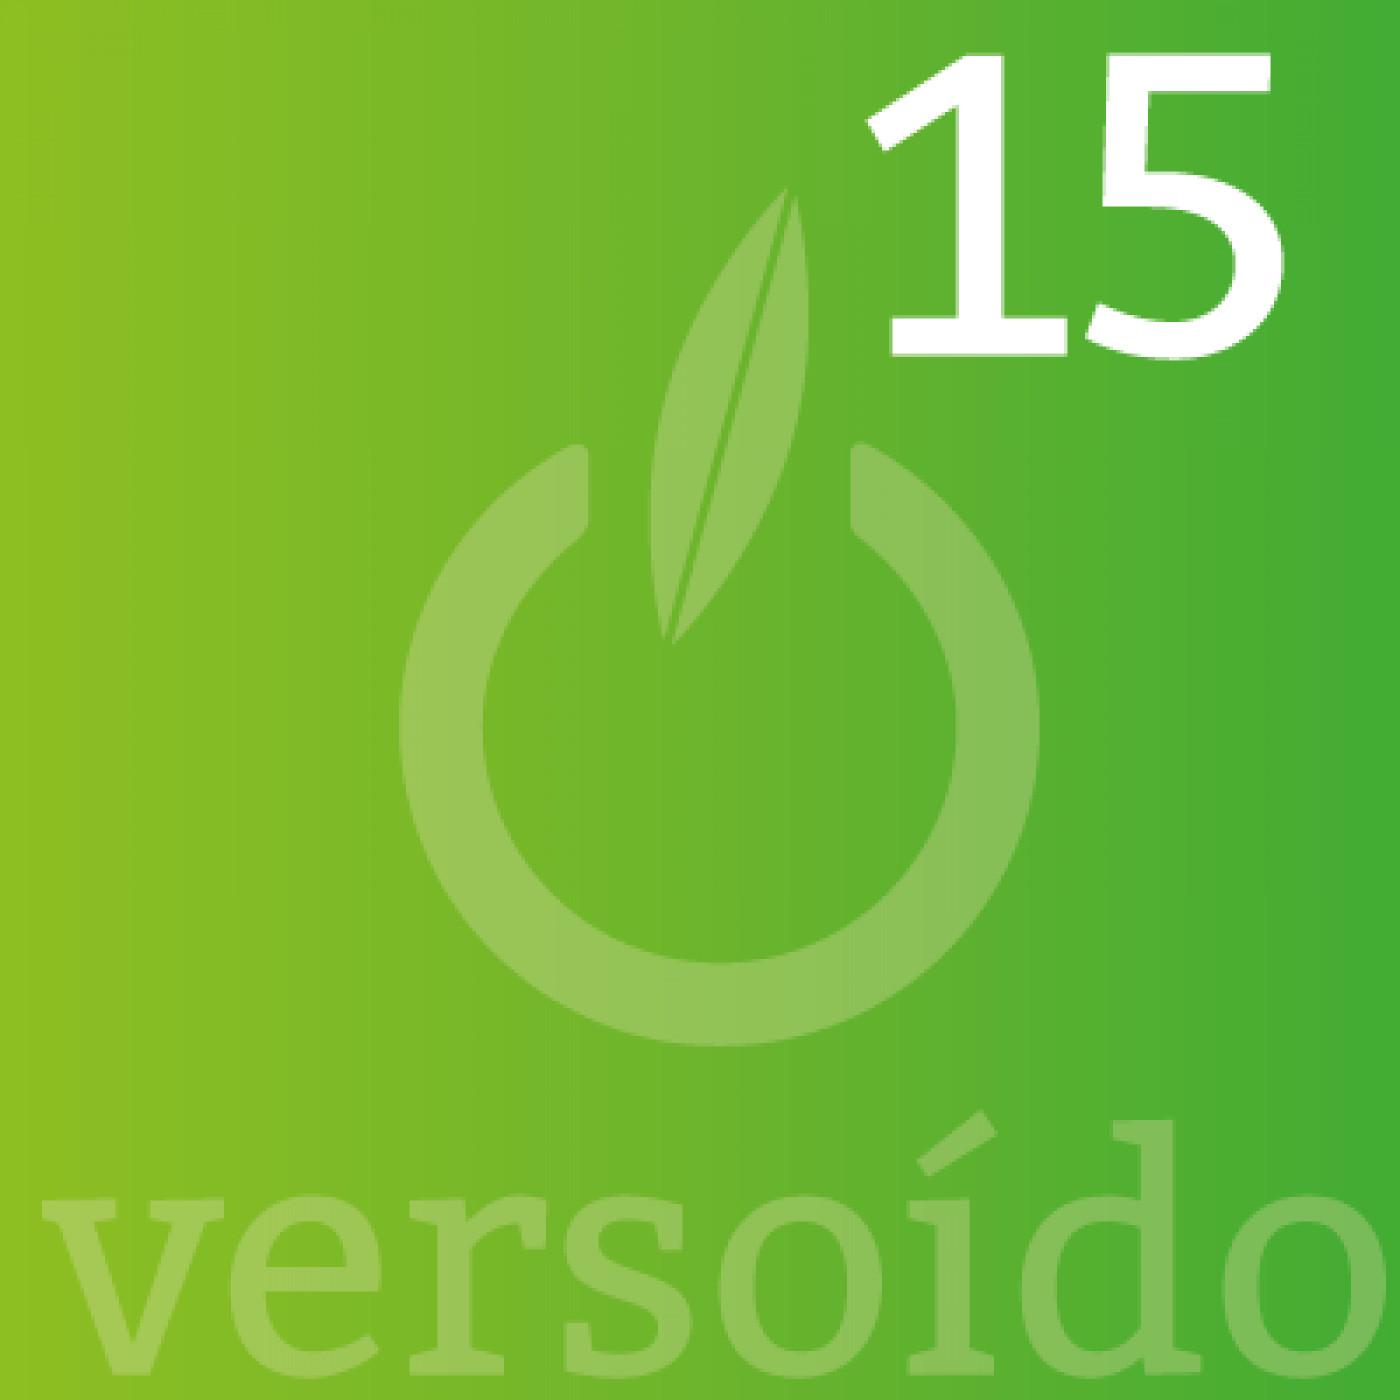 Lista 15 de versoido: ¡Canciones para vibrar!